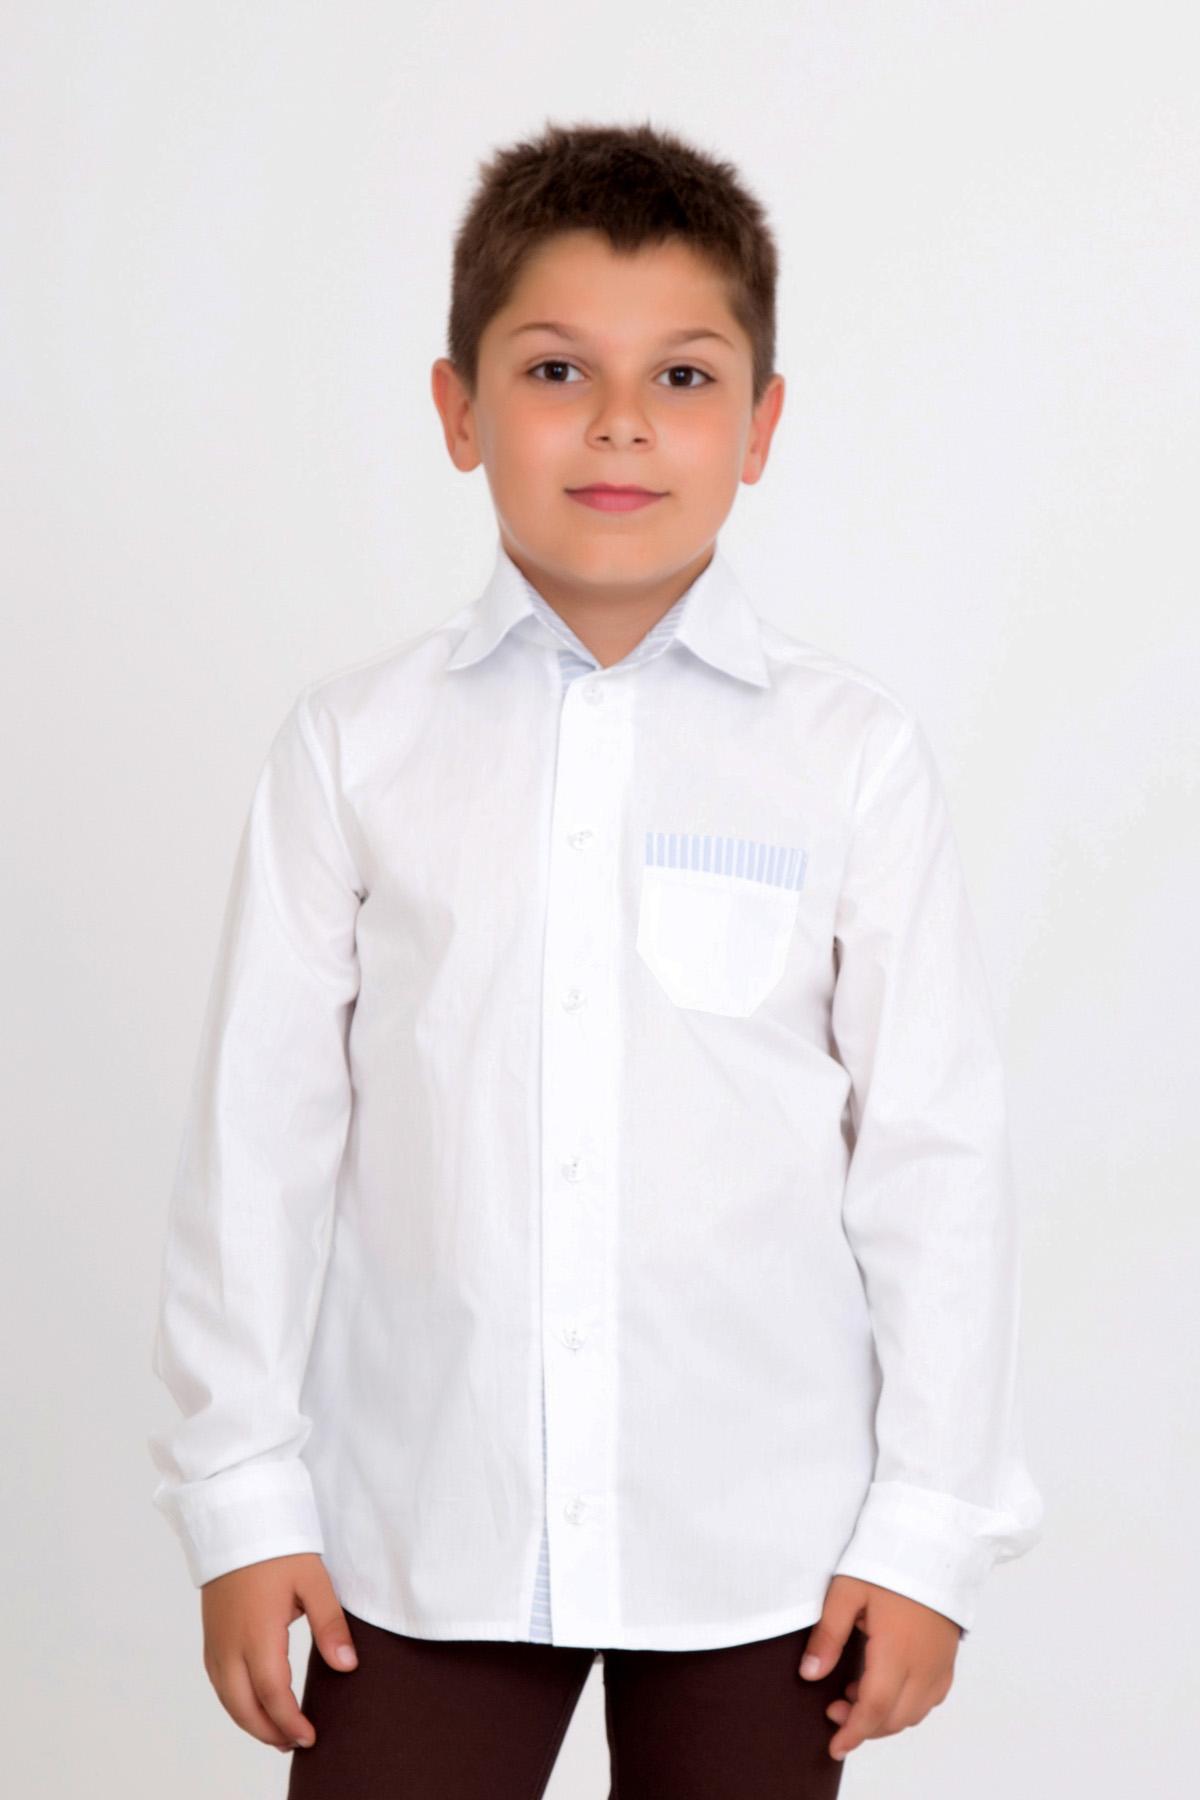 Дет. рубашка Елисей р. 36Толстовки, джемпера и рубашки<br><br><br>Тип: Дет. рубашка<br>Размер: 36<br>Материал: Перкаль